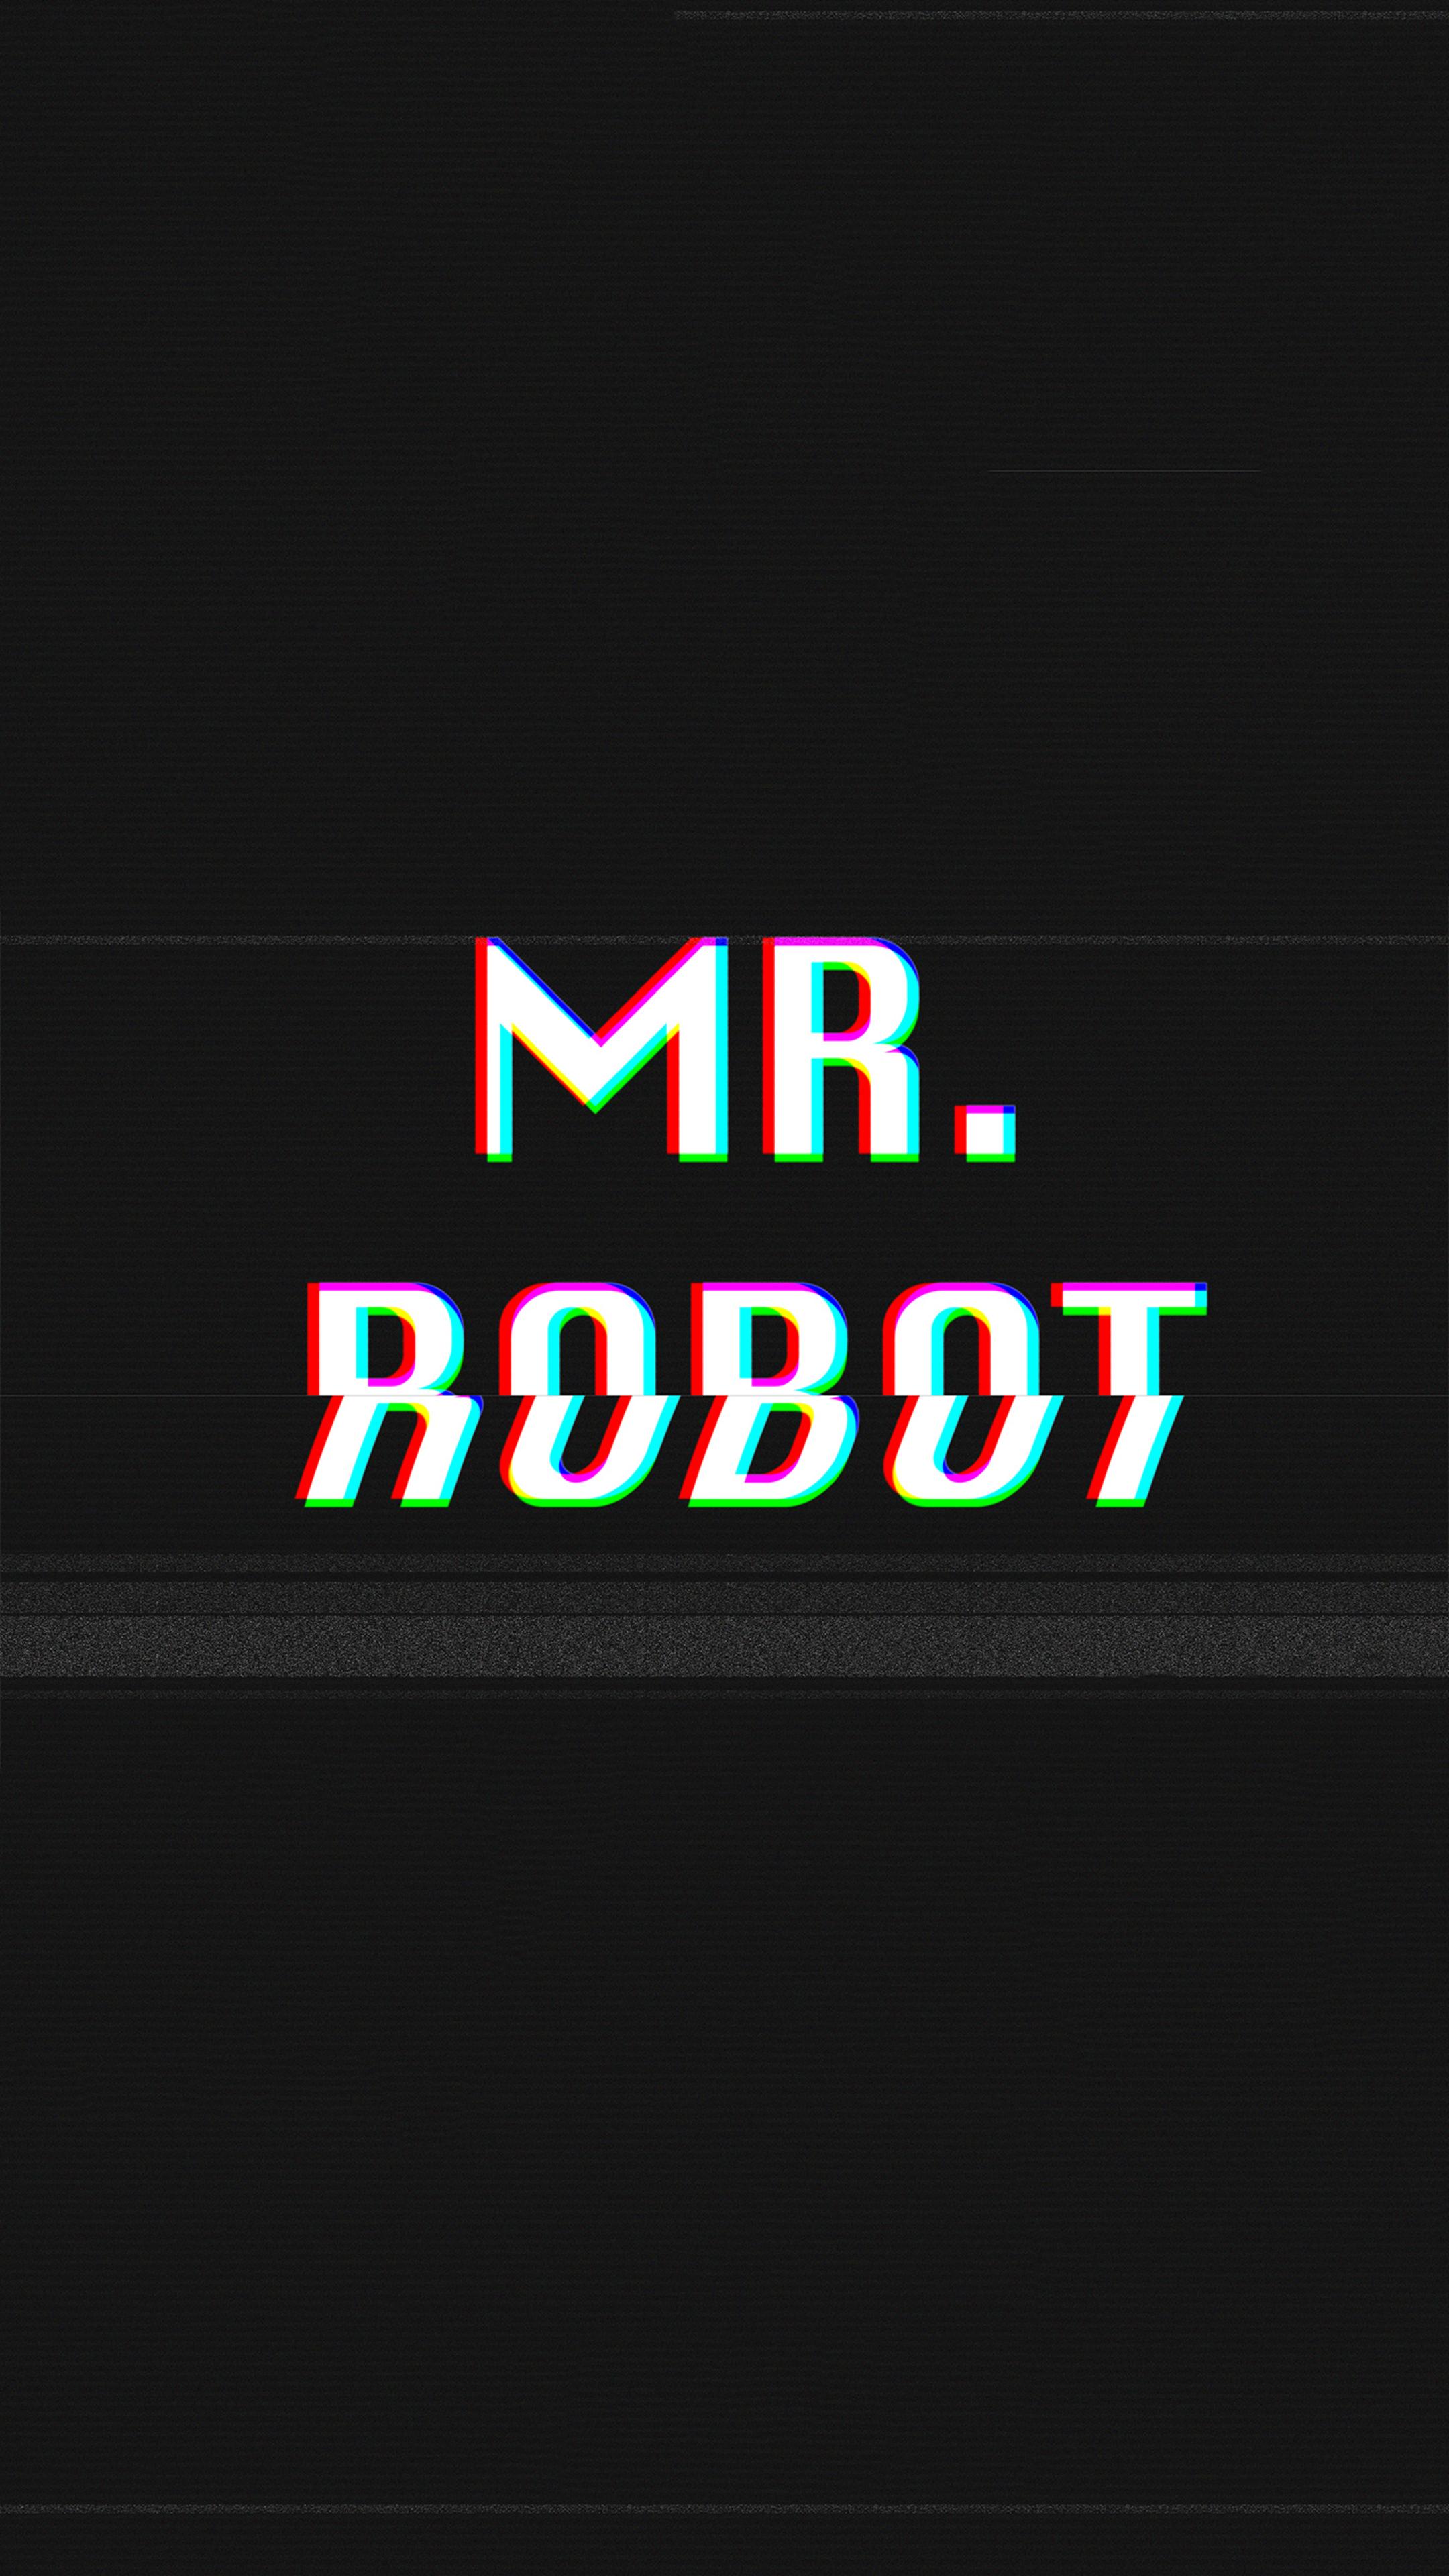 mr-robot-typography-glitch-art-4k-lv.jpg